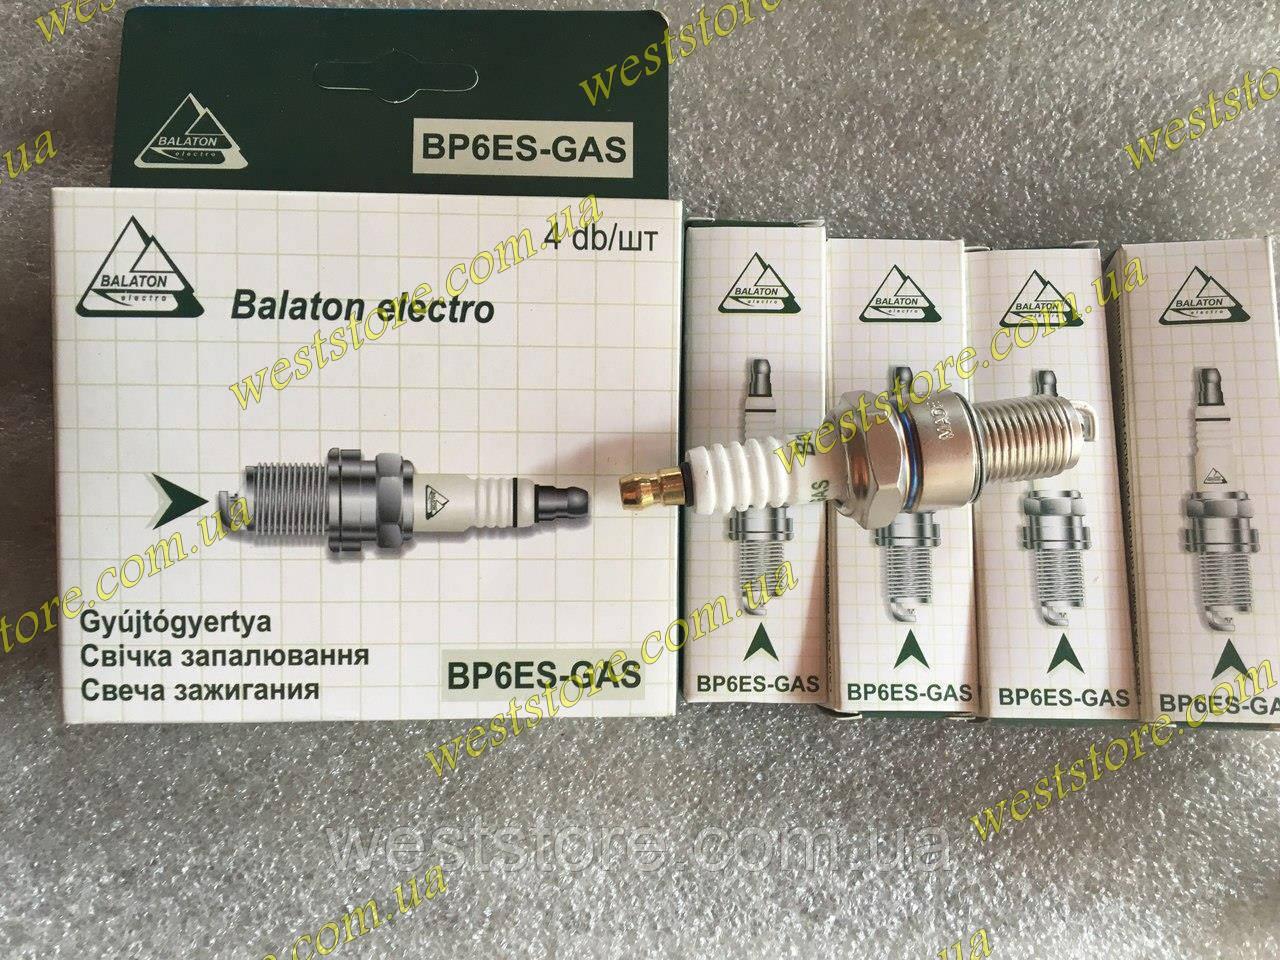 Свечи Balaton газовые ваз 2101 2103 2104 2105 2106 2107 2108 2109 21099 2113 2114 2115 таврия Lanos Sens